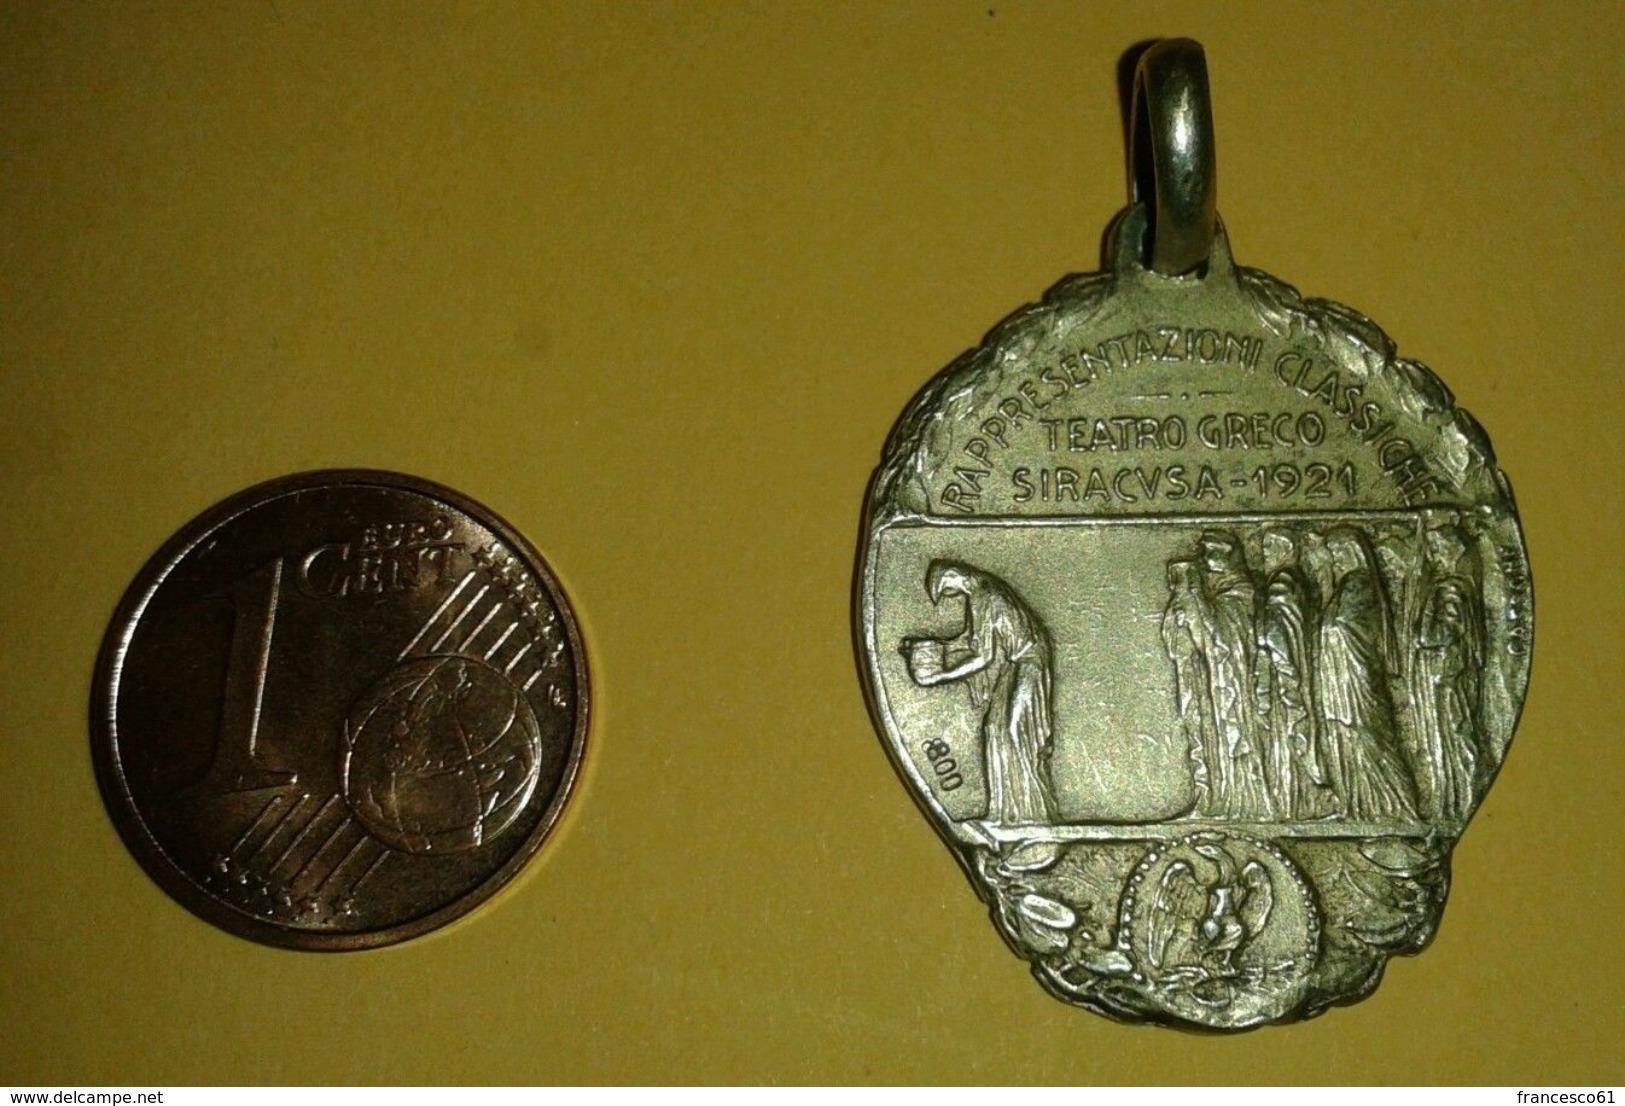 Medaglia Siracusa Teatro Greco Rappresentazioni Classiche 1921 Argento '800 - Italia